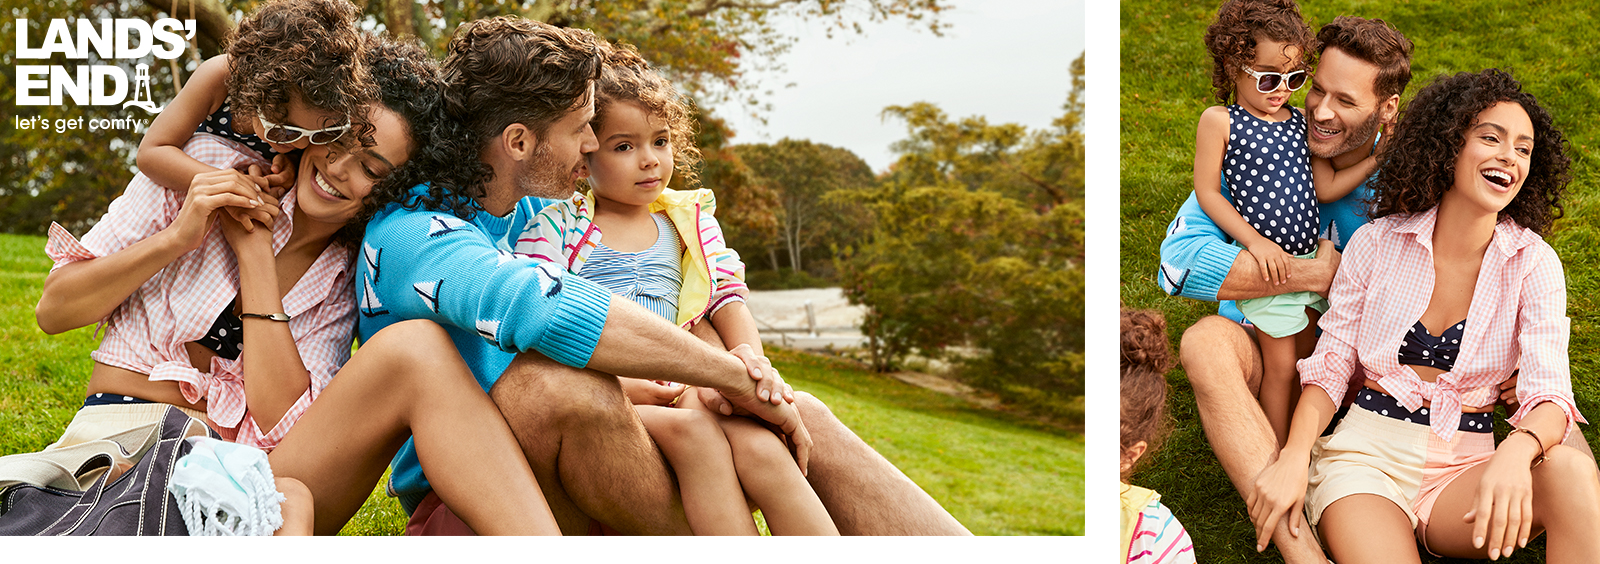 At-Home Family Photo Shoot Ideas